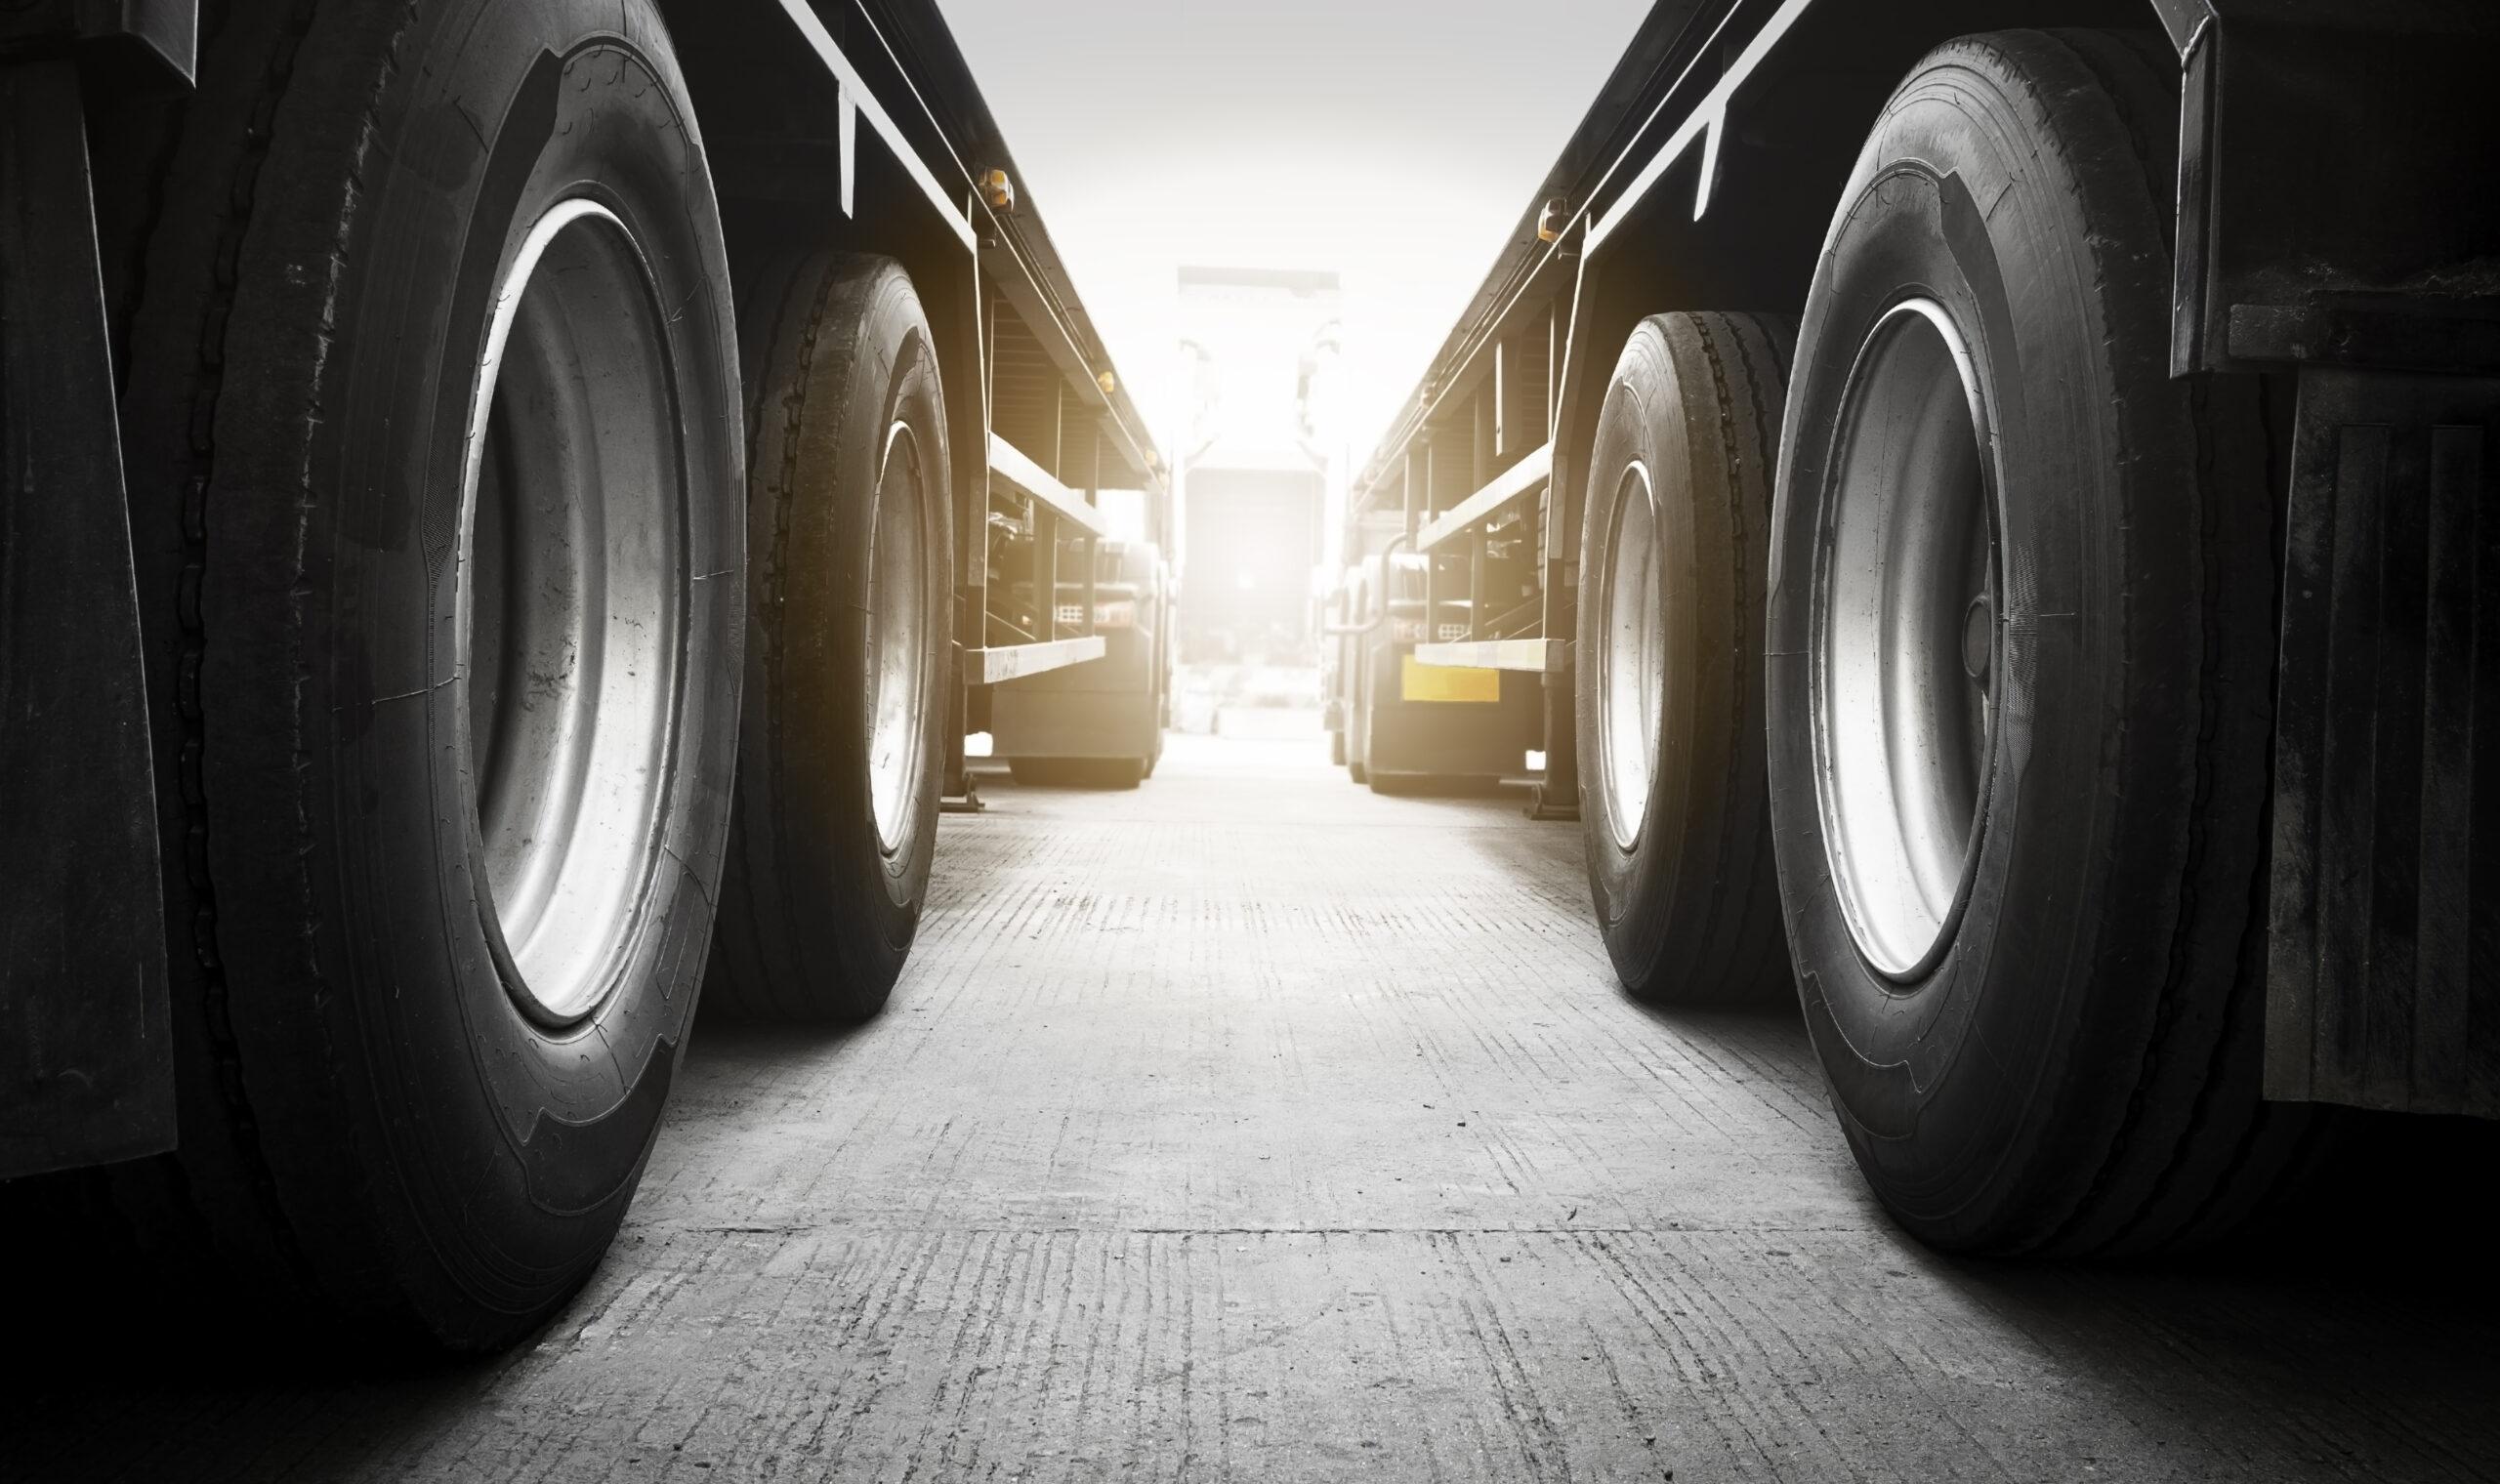 vulkanisierung von lastkraftwagen tir<br />